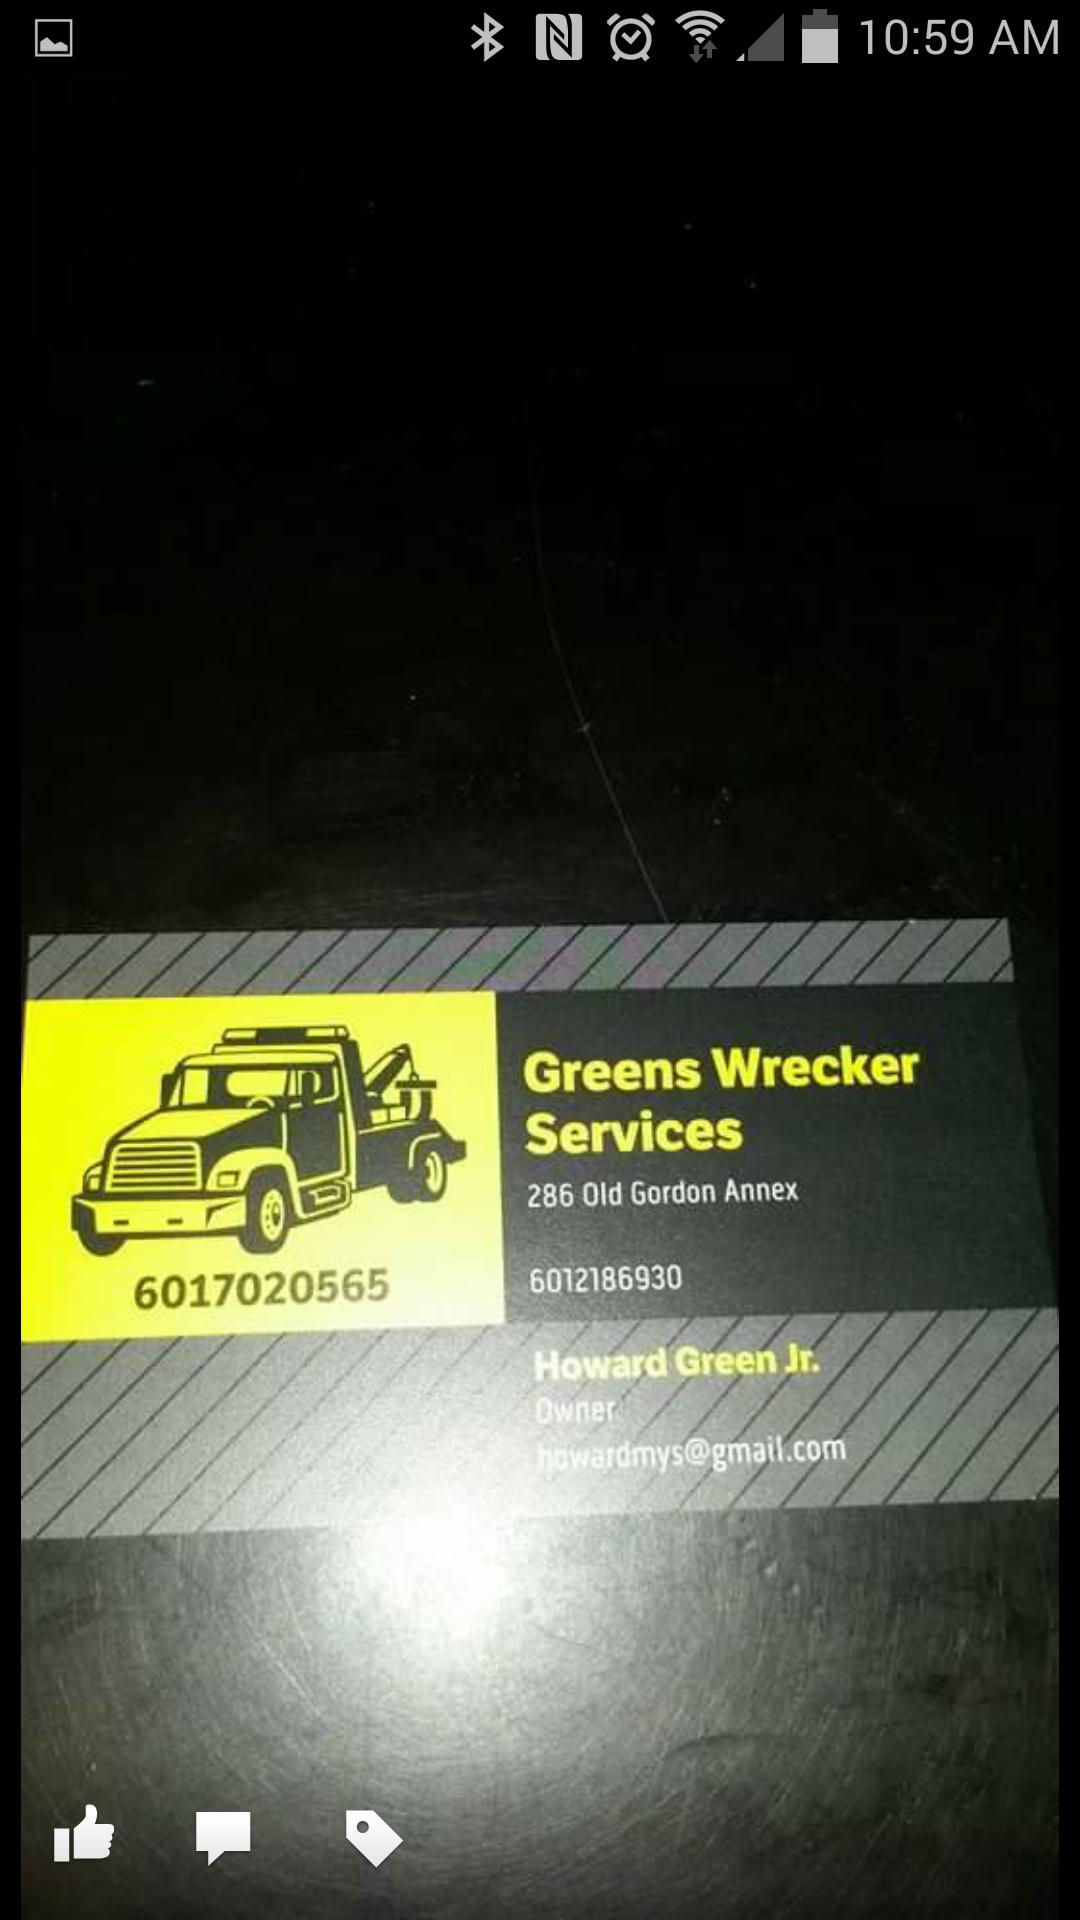 Green's Wrecker Service LLC image 1